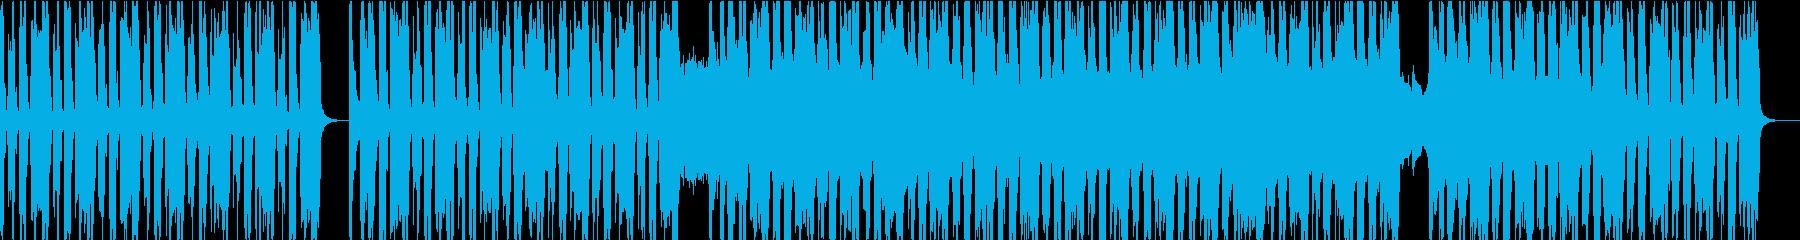 生々しい現代ブルースロックの再生済みの波形